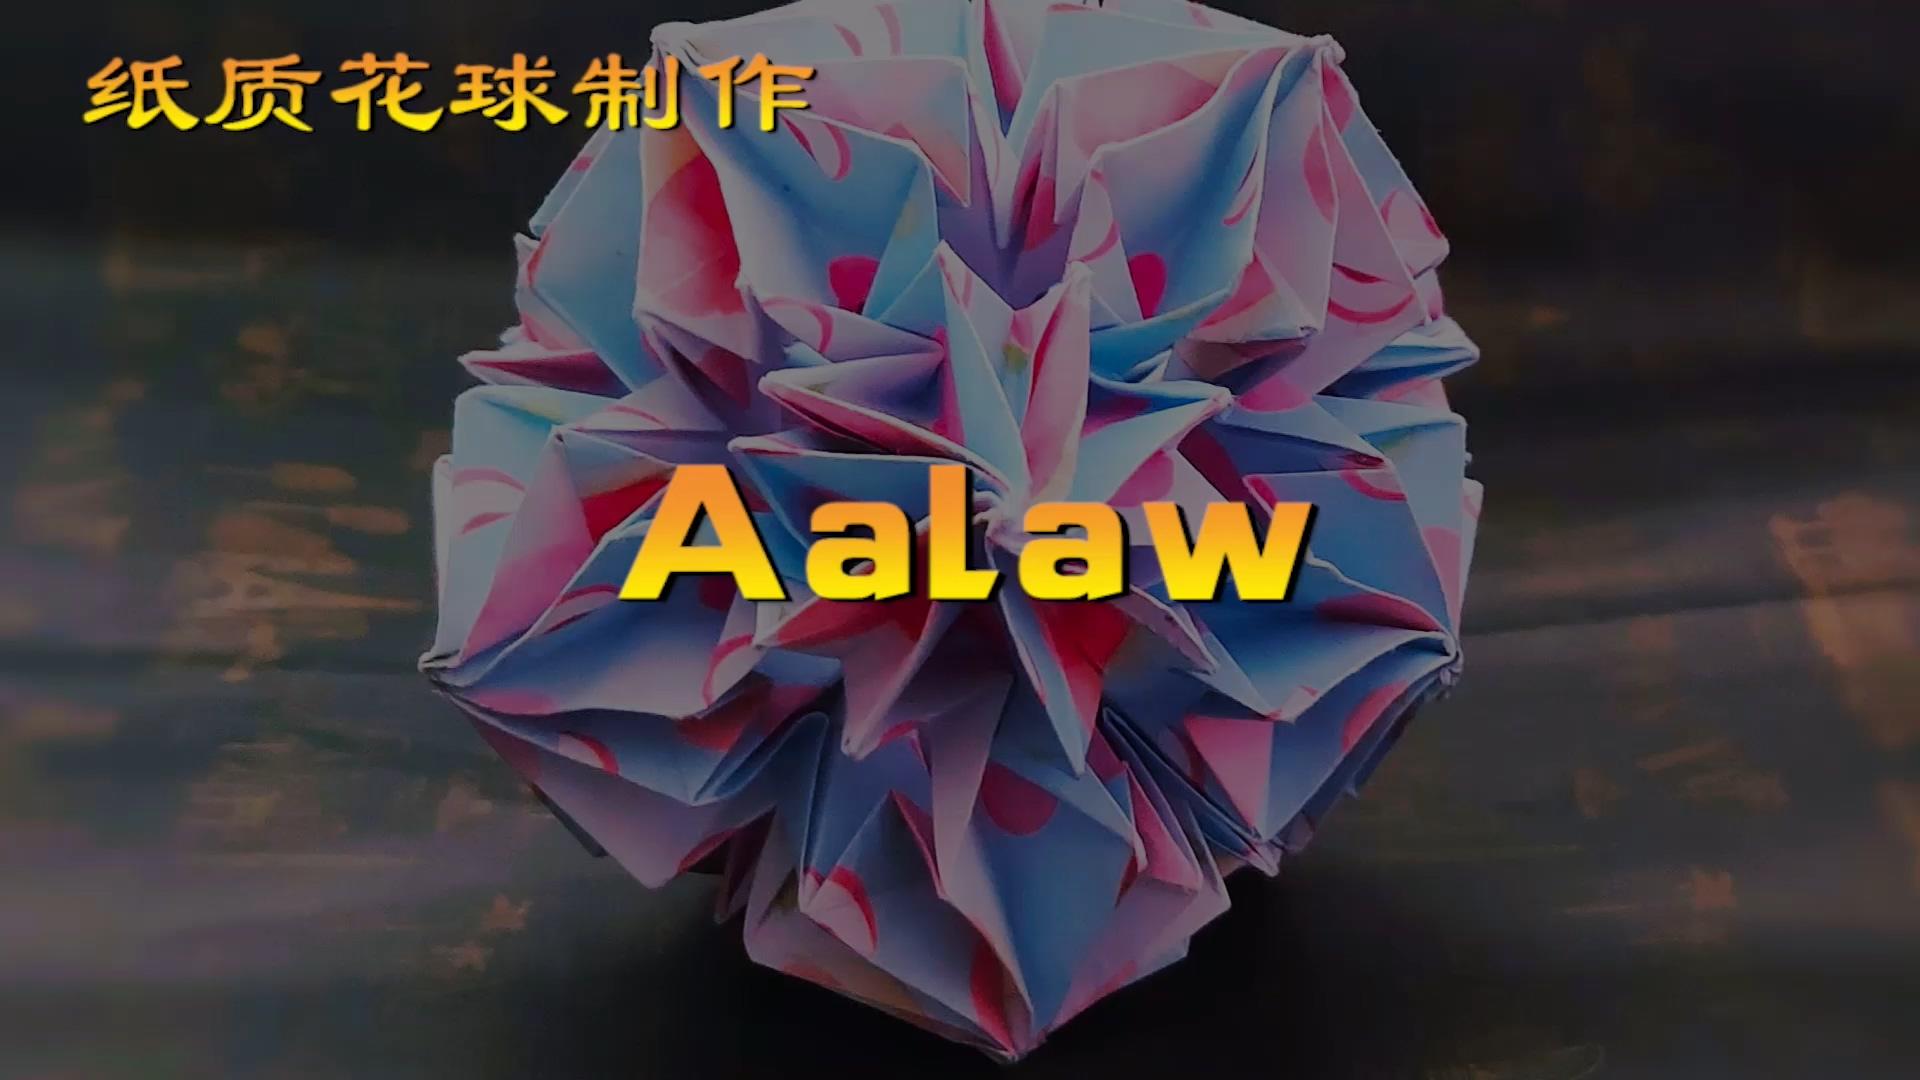 神奇海螺的花球教程41 Aalaw